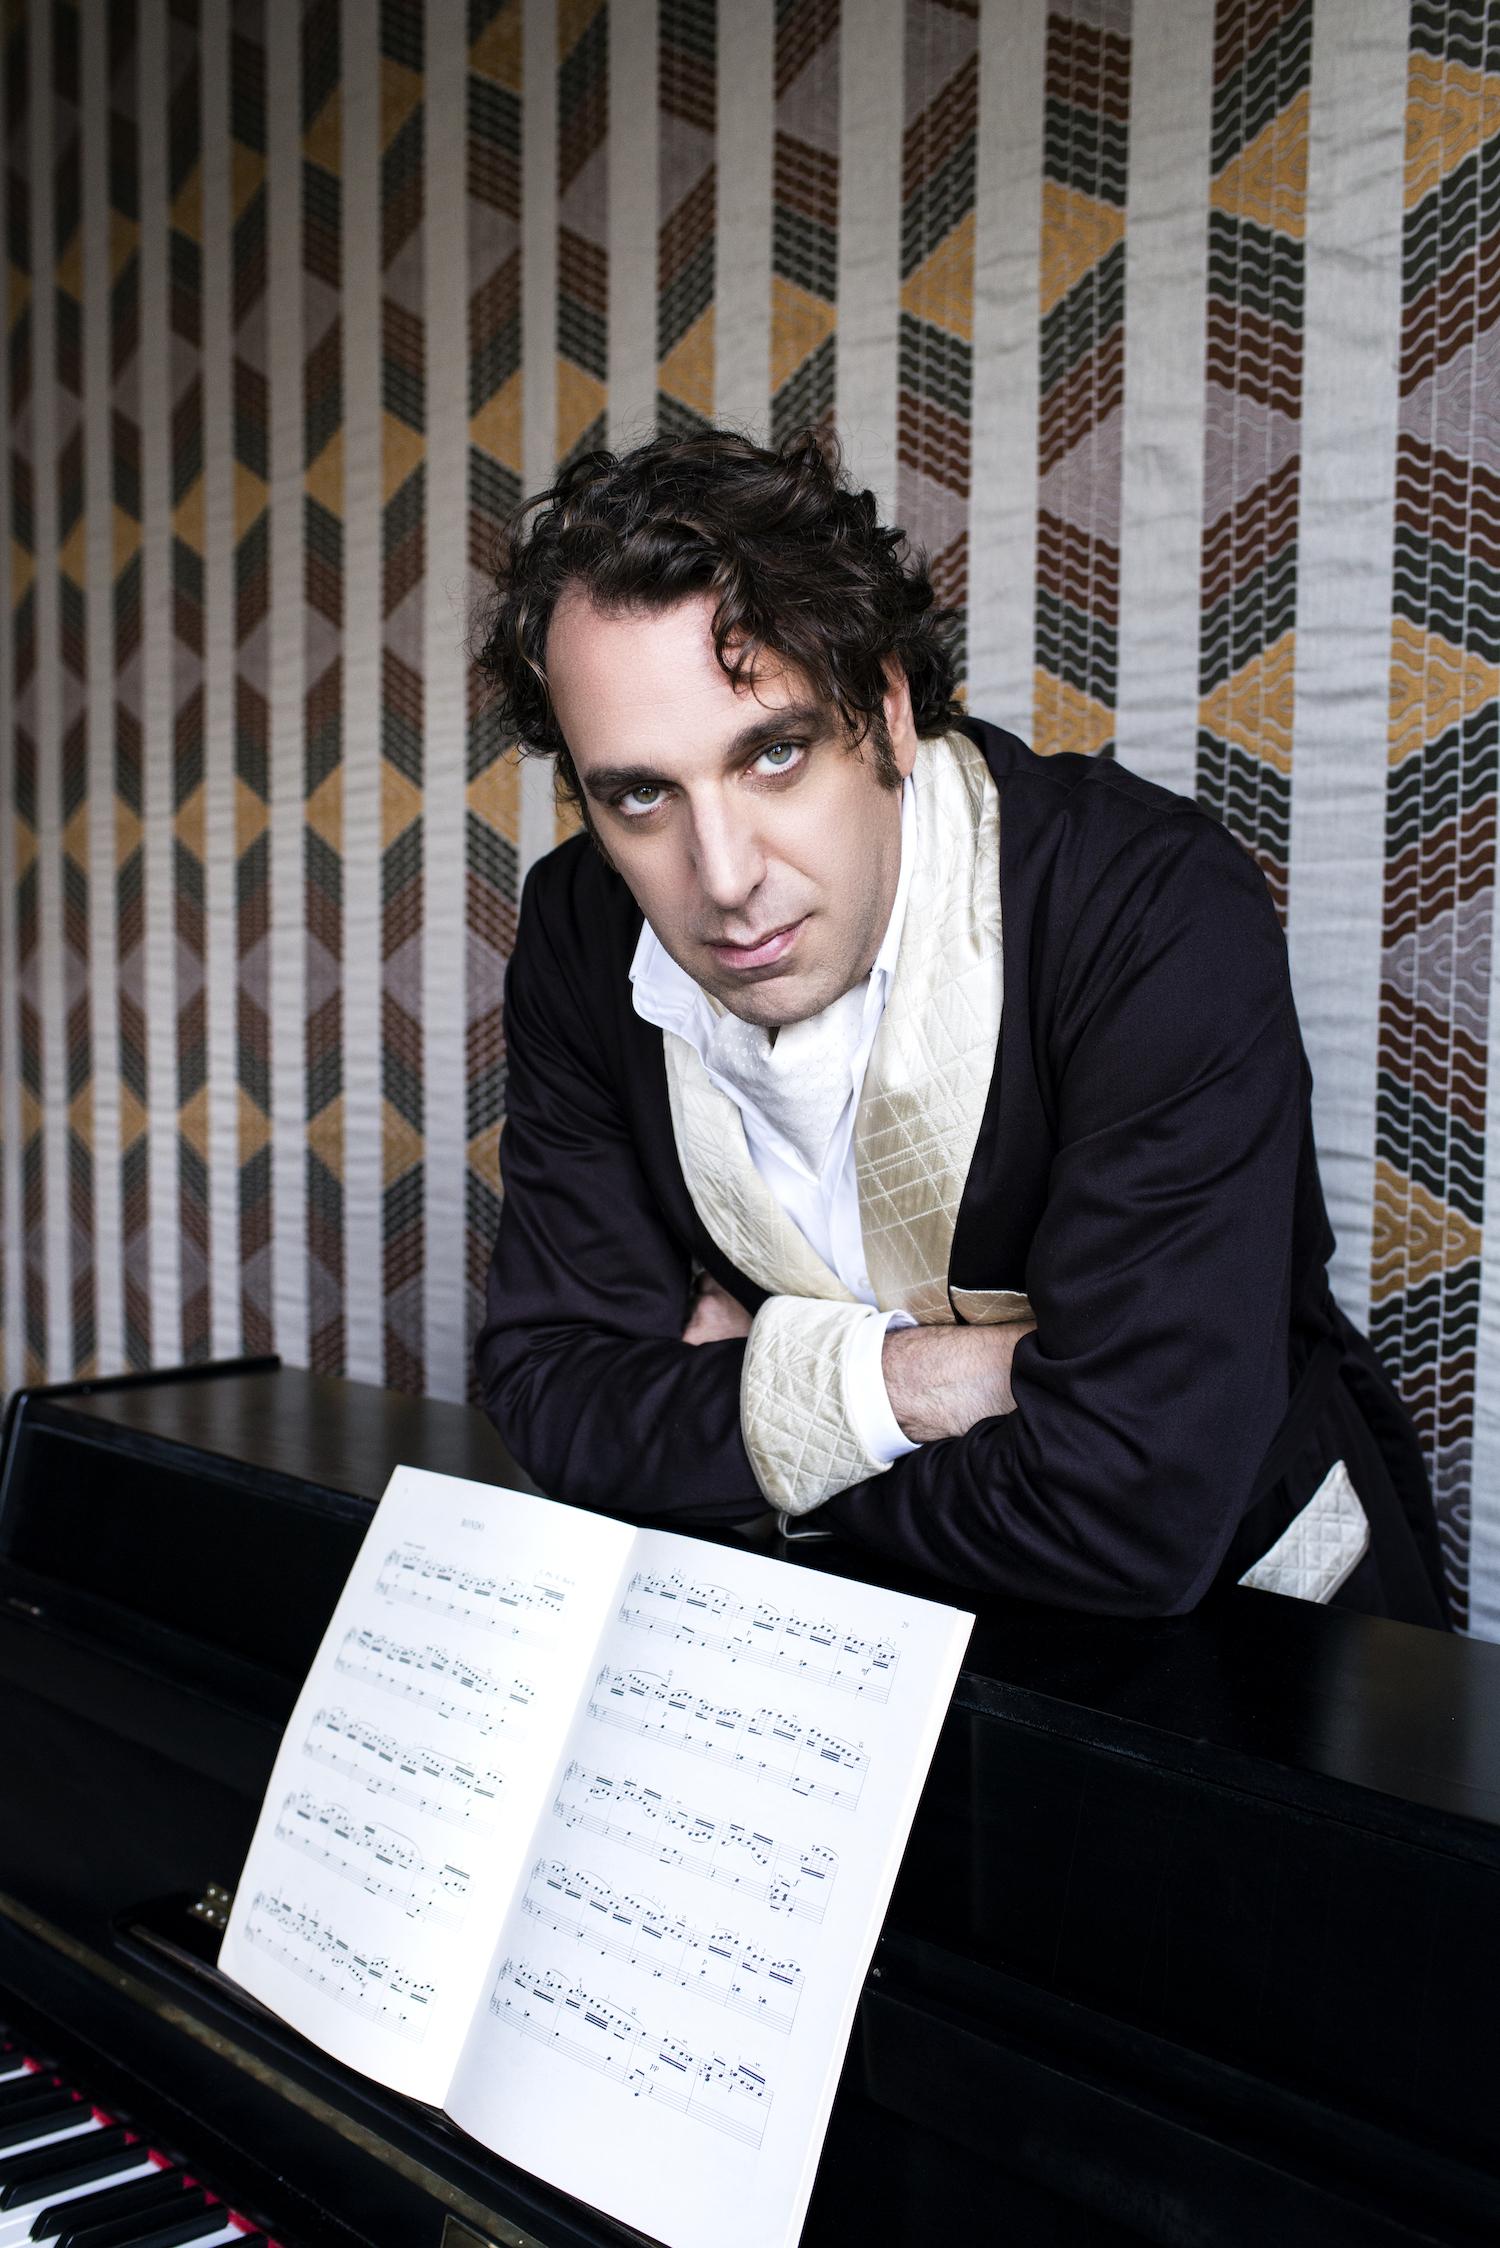 Shut Up and Play the Piano - UK Jewish Film